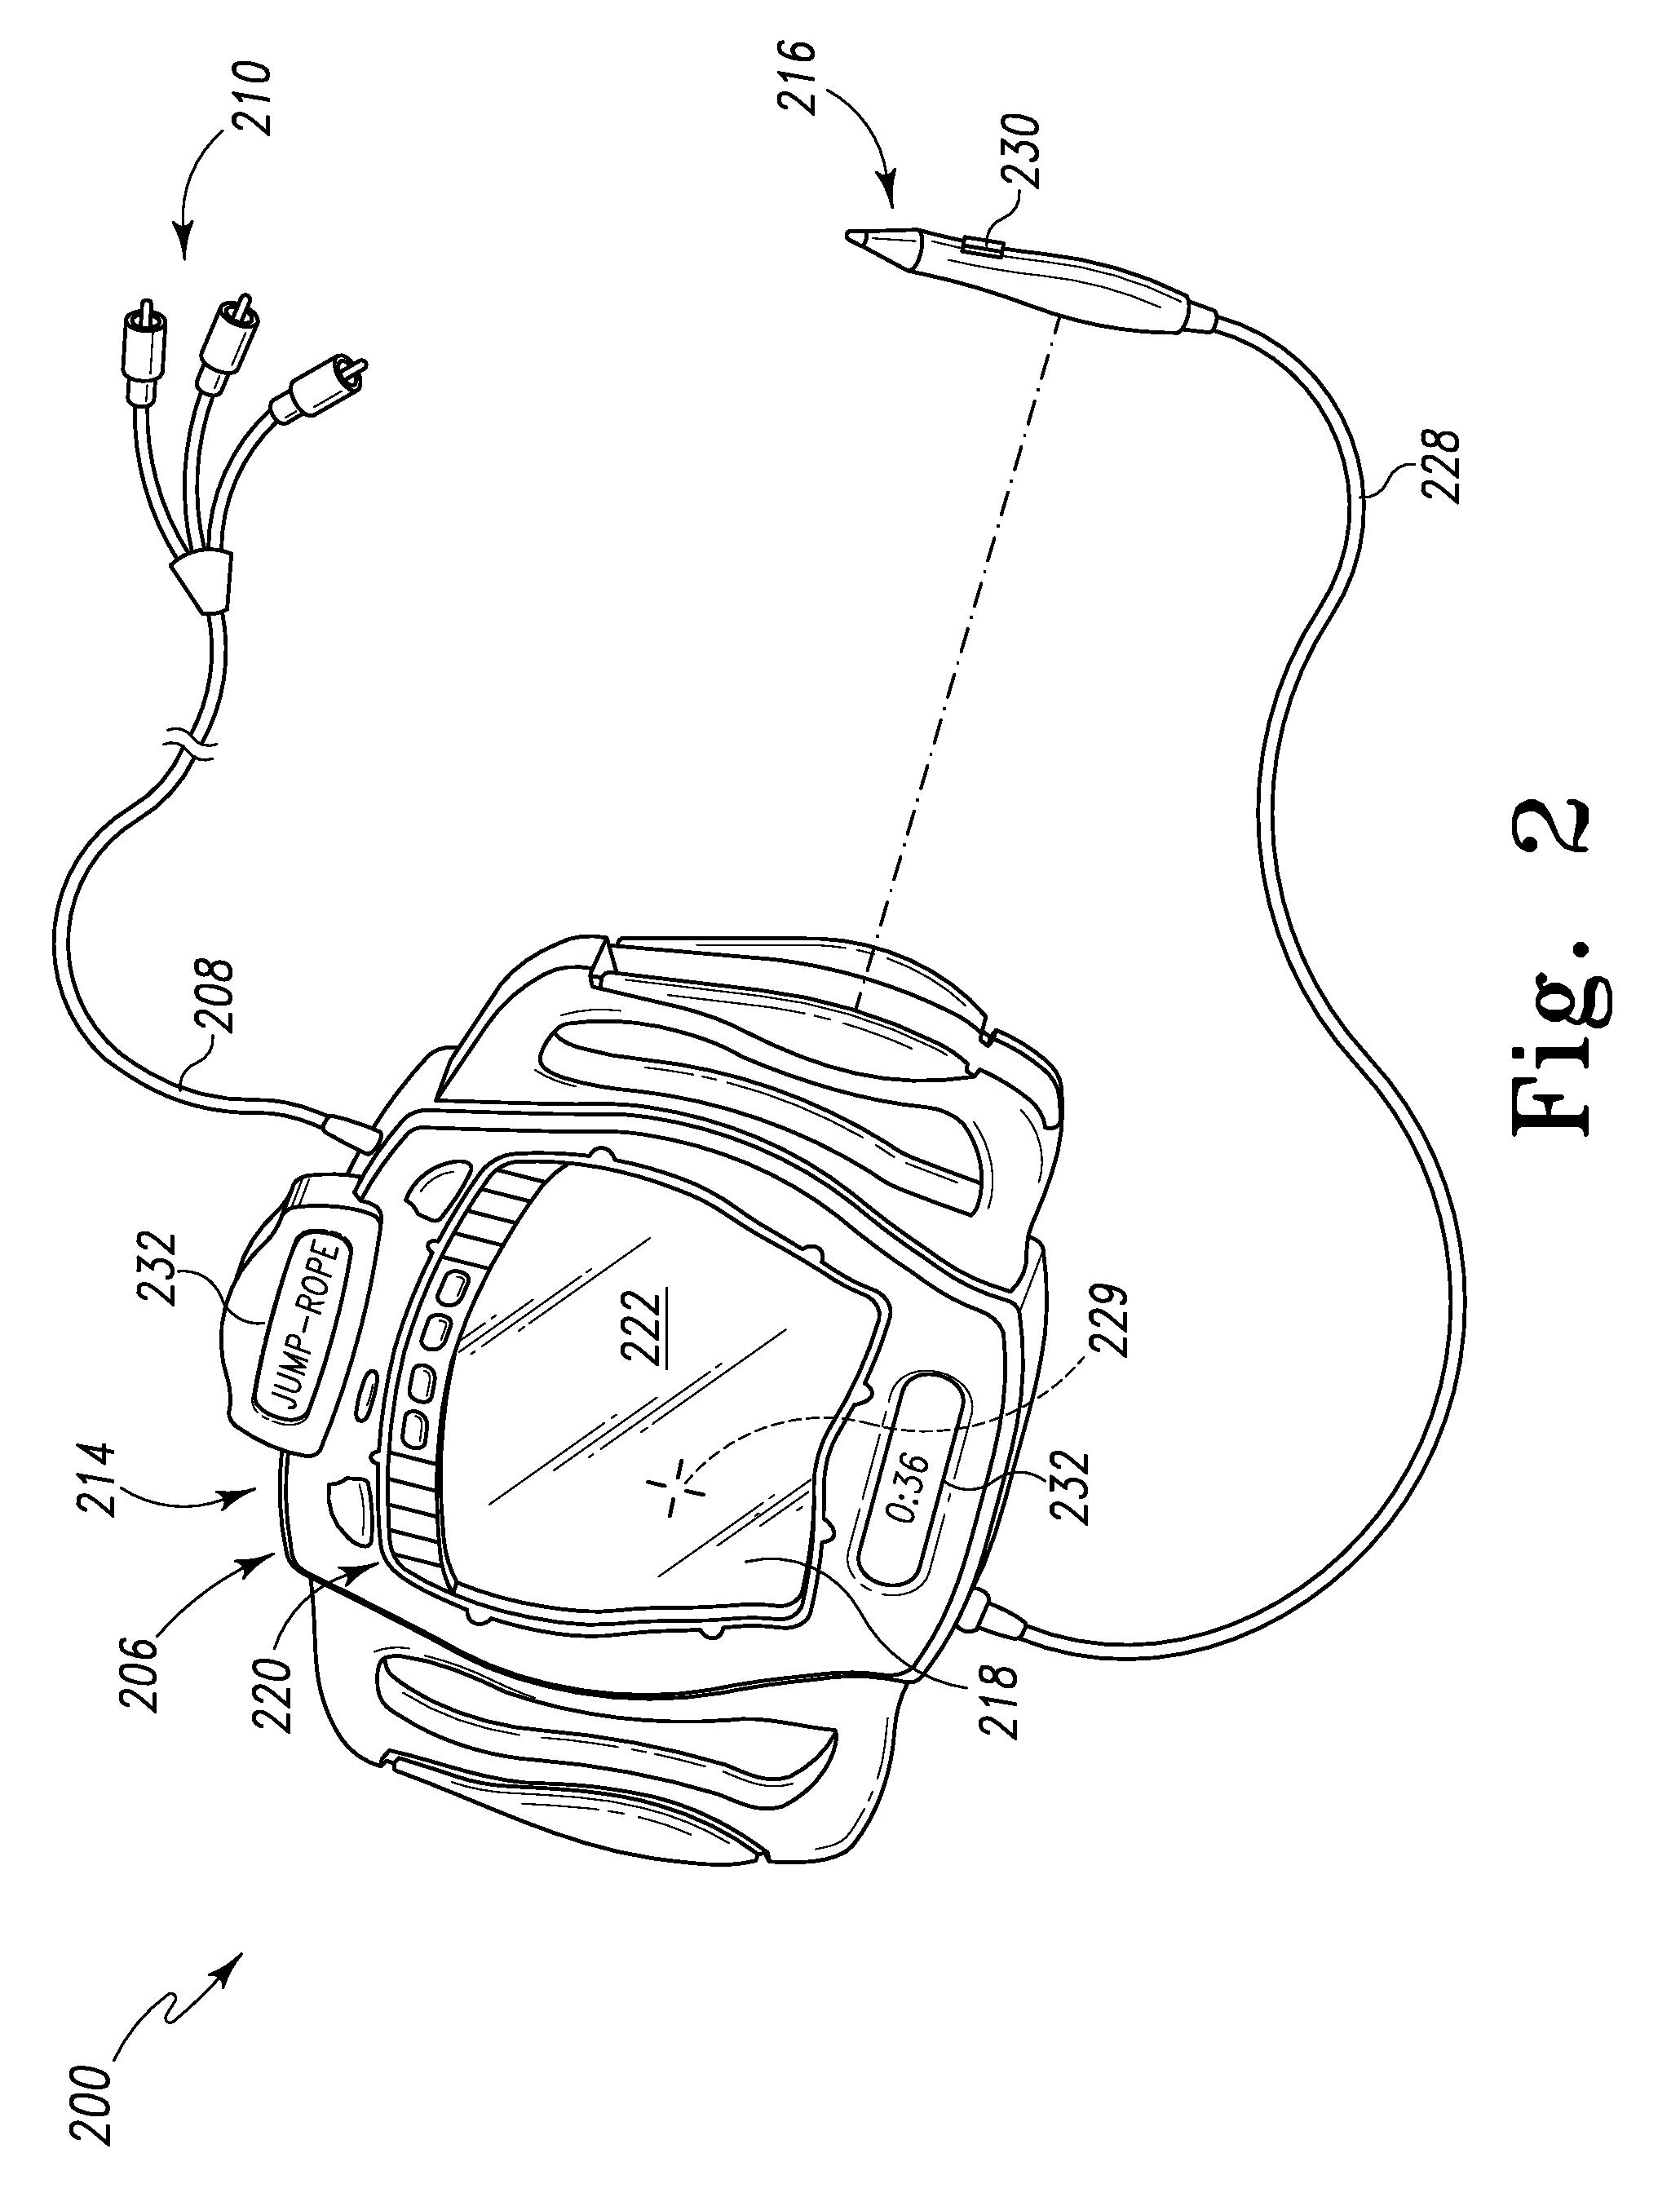 patent us7887058